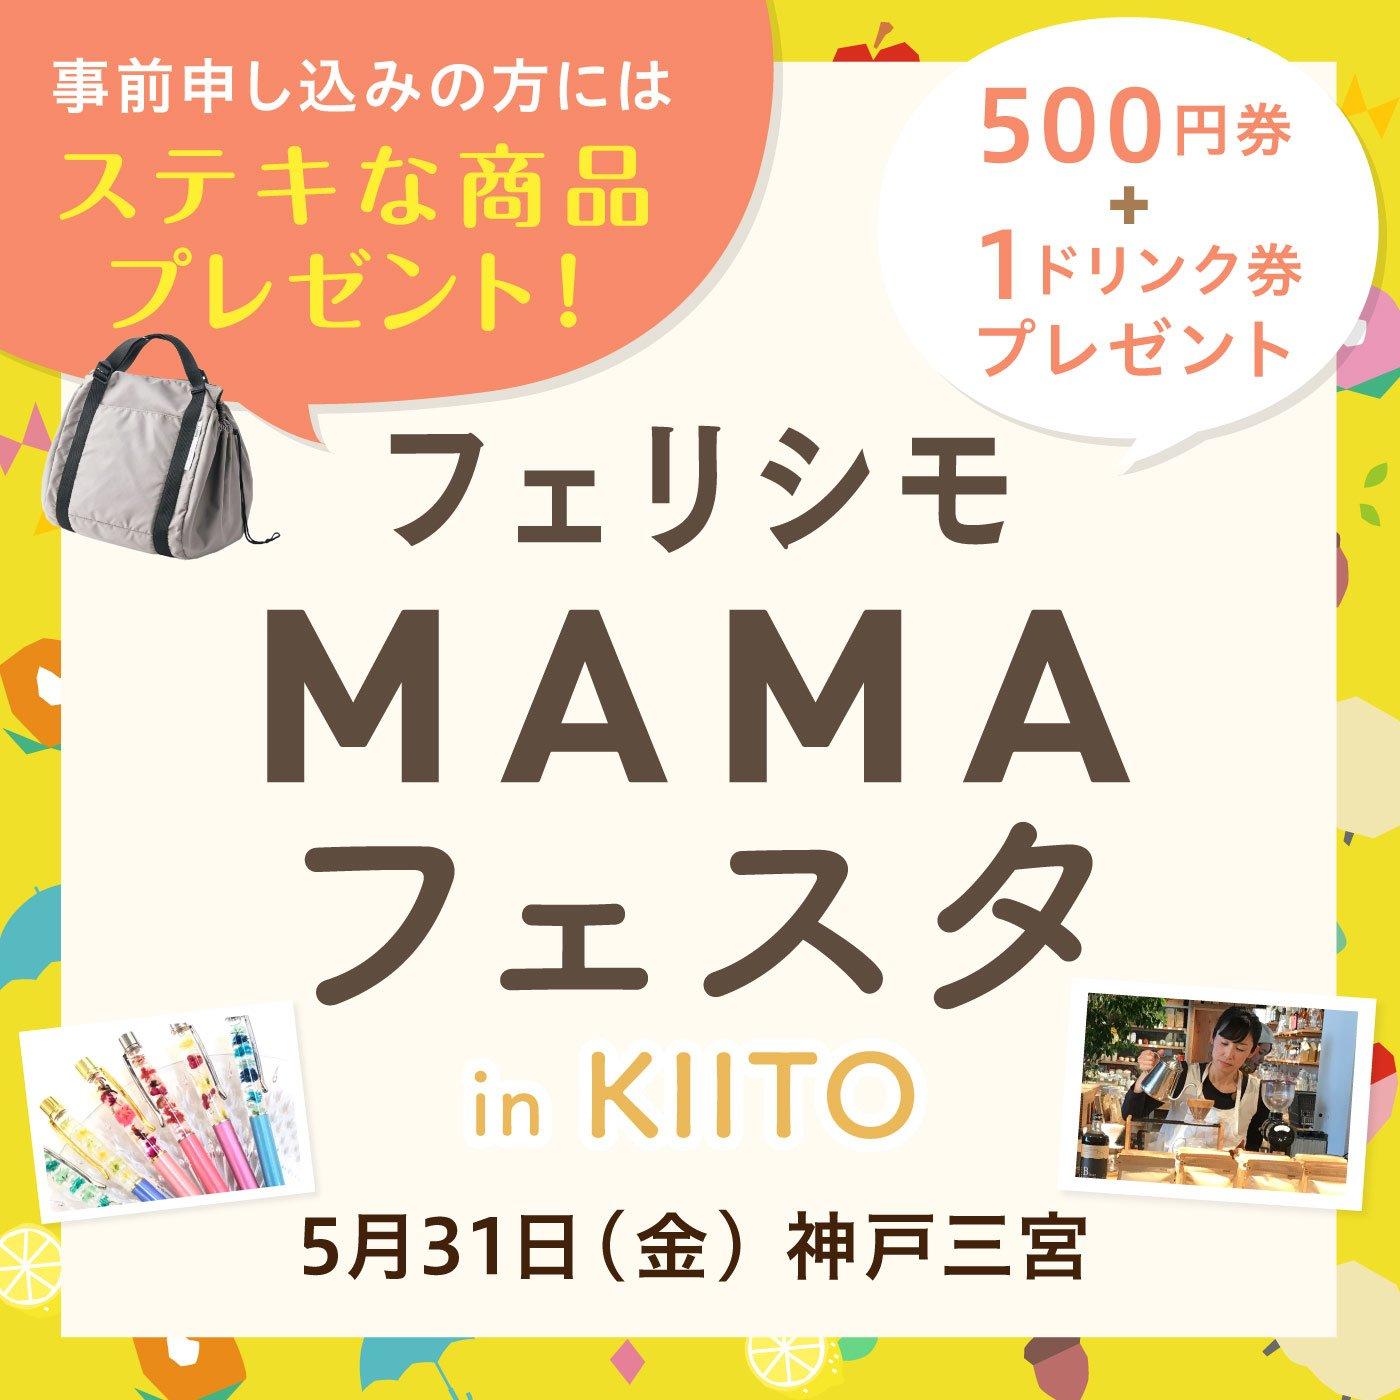 〈フェリシモMAMA〉2019年5月31日(金)フェリシモMAMAフェスタ in KIITO